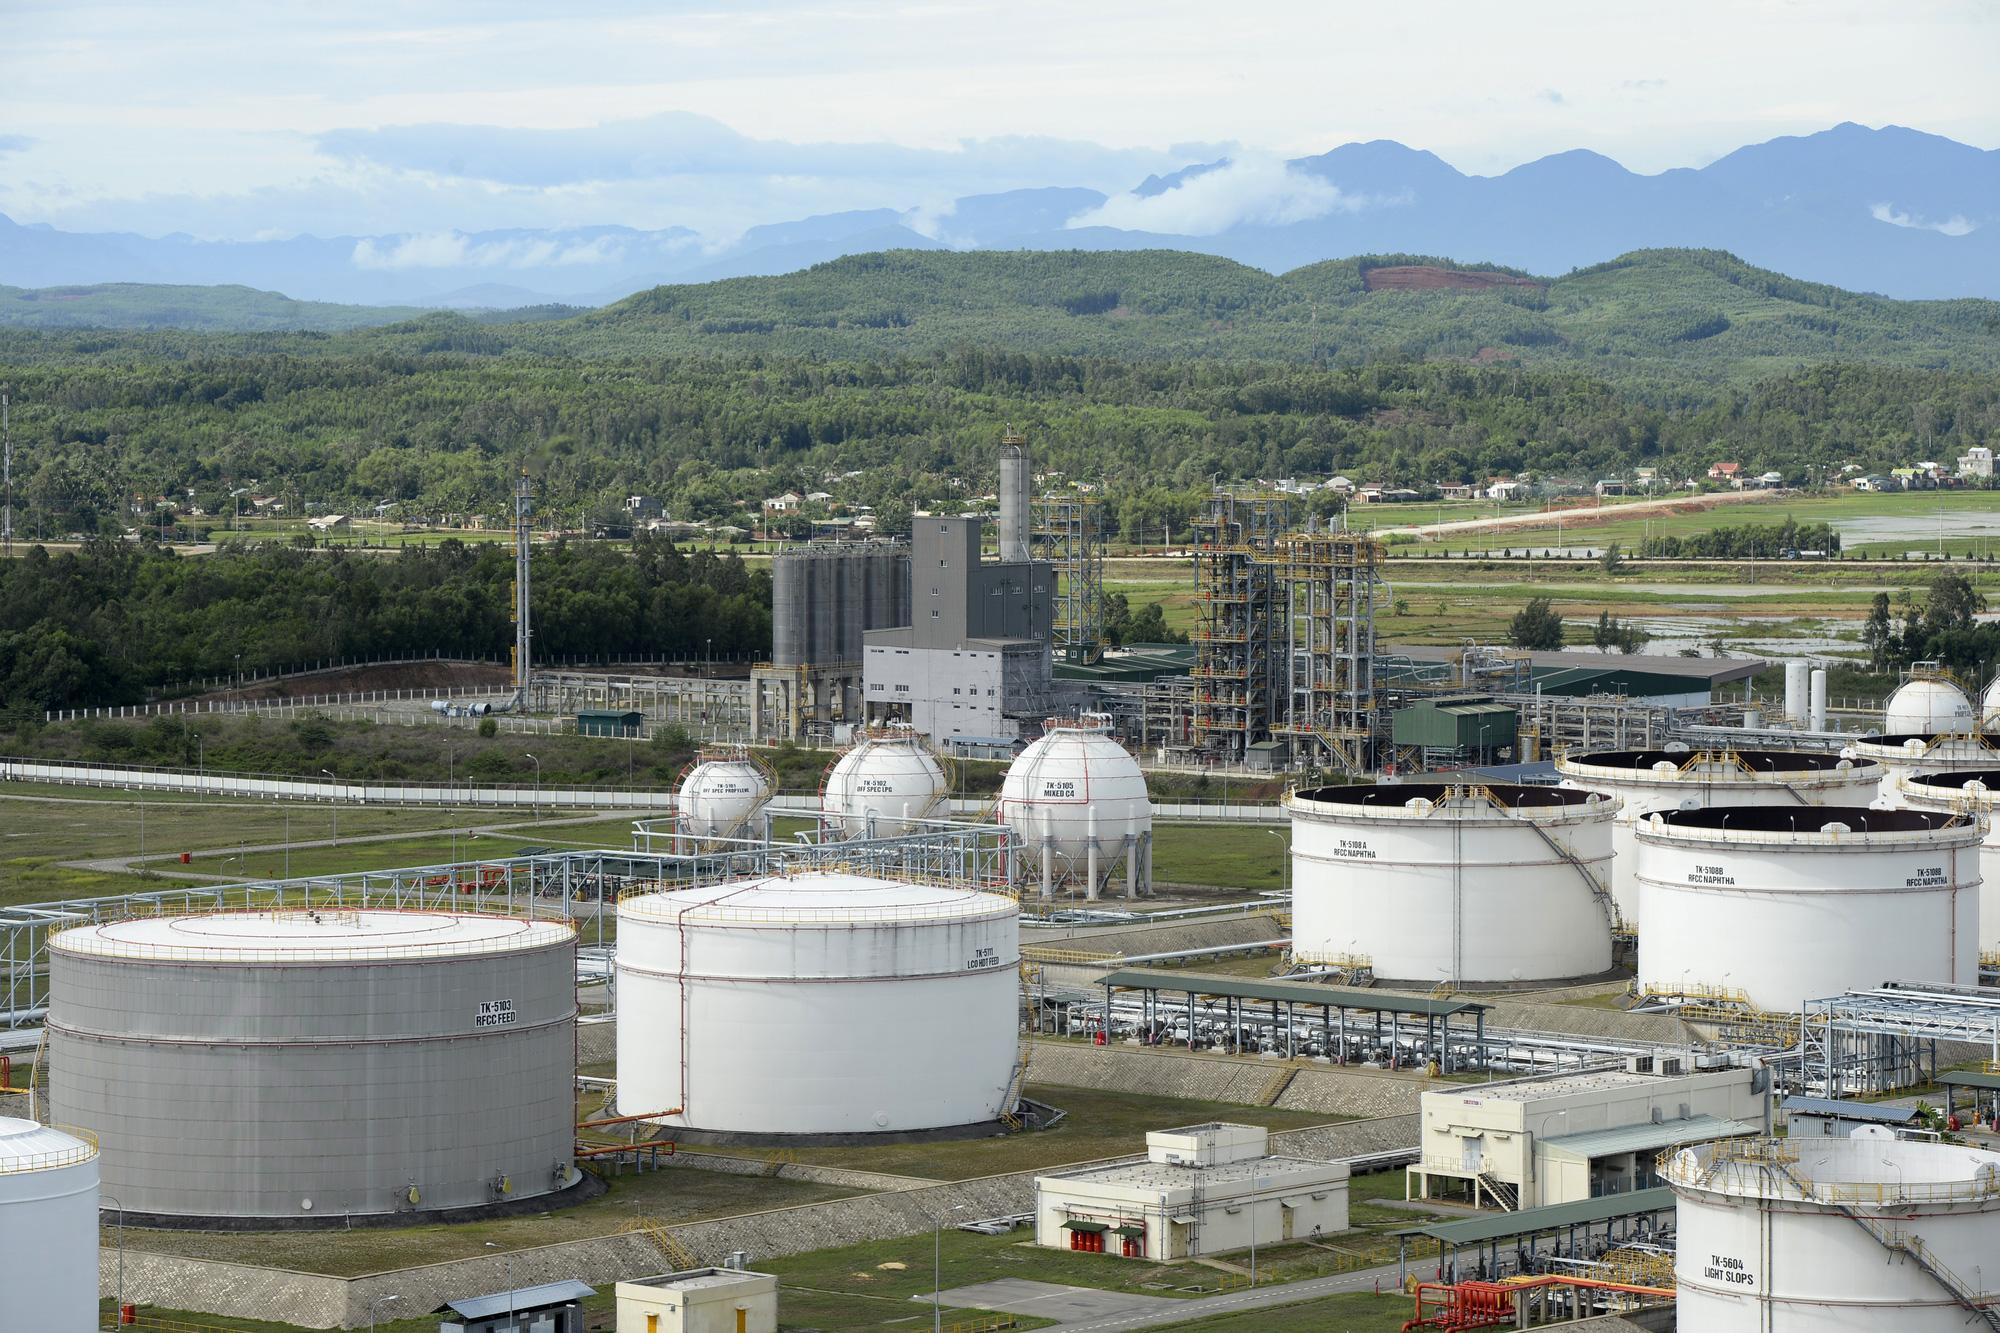 Nhà máy lọc dầu Dung Quất lỗ hơn 2.300 tỷ đồng trong quý 1/2020.